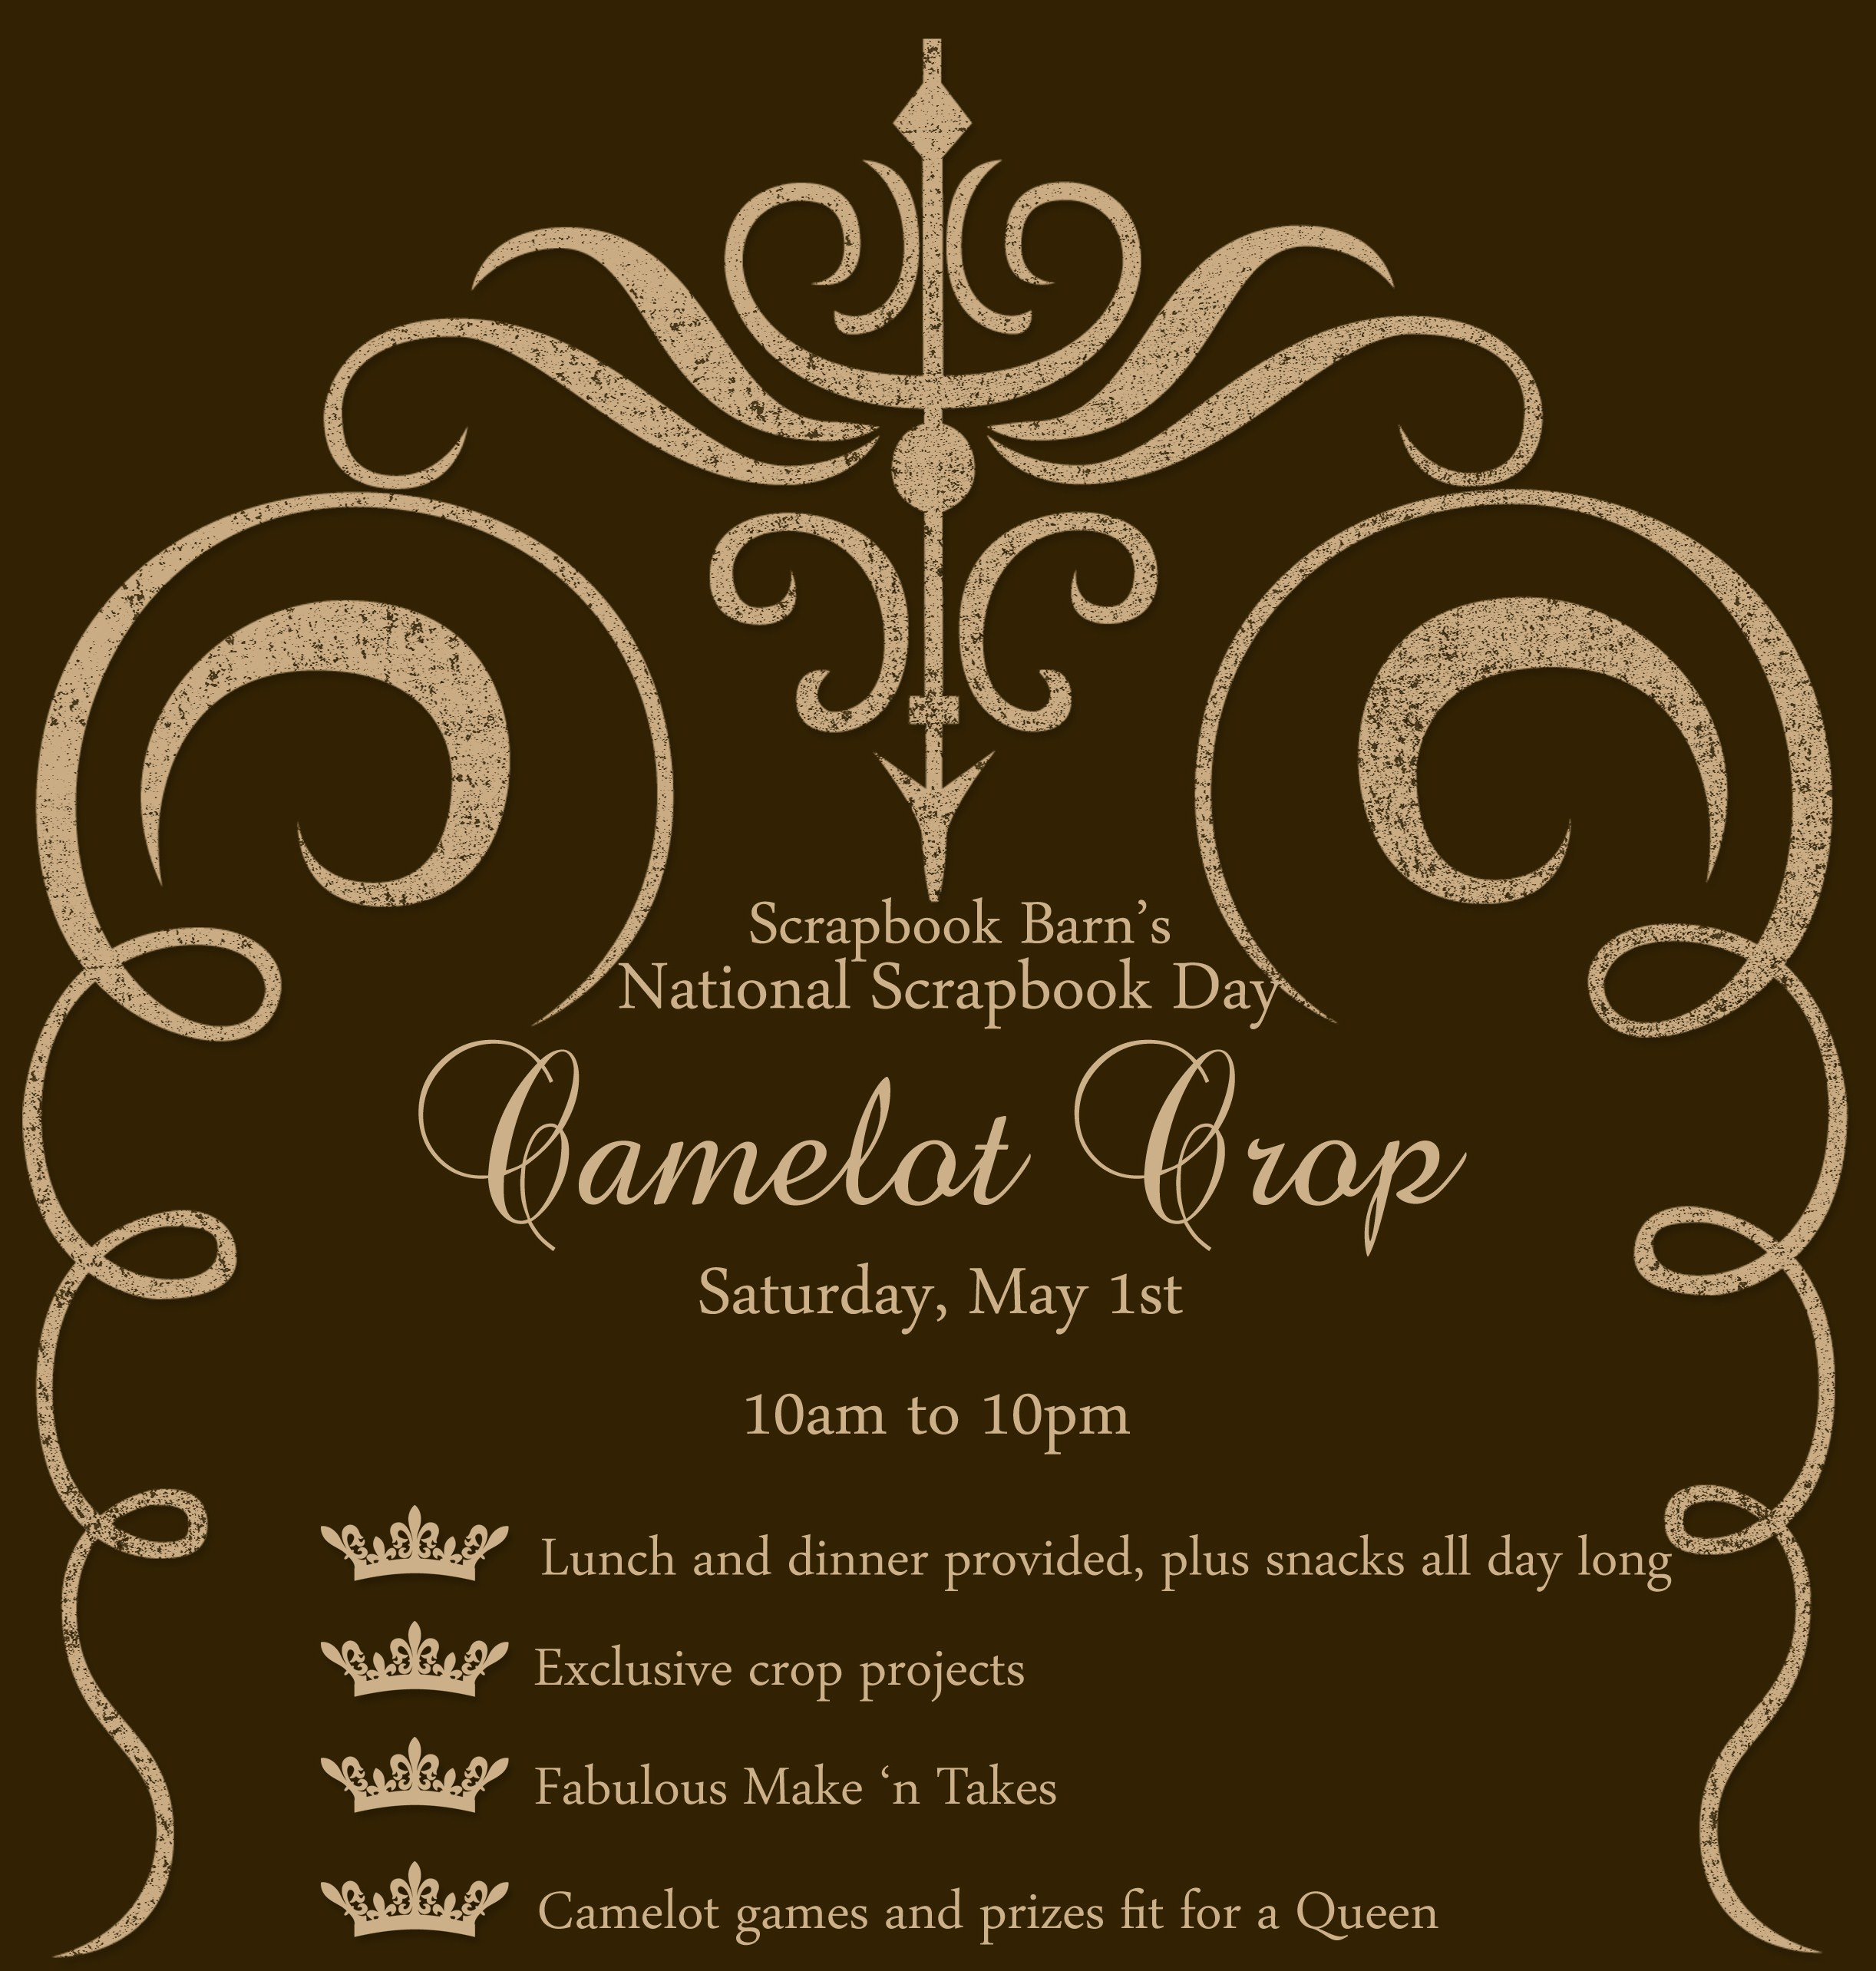 Camelot crop#2dark copy